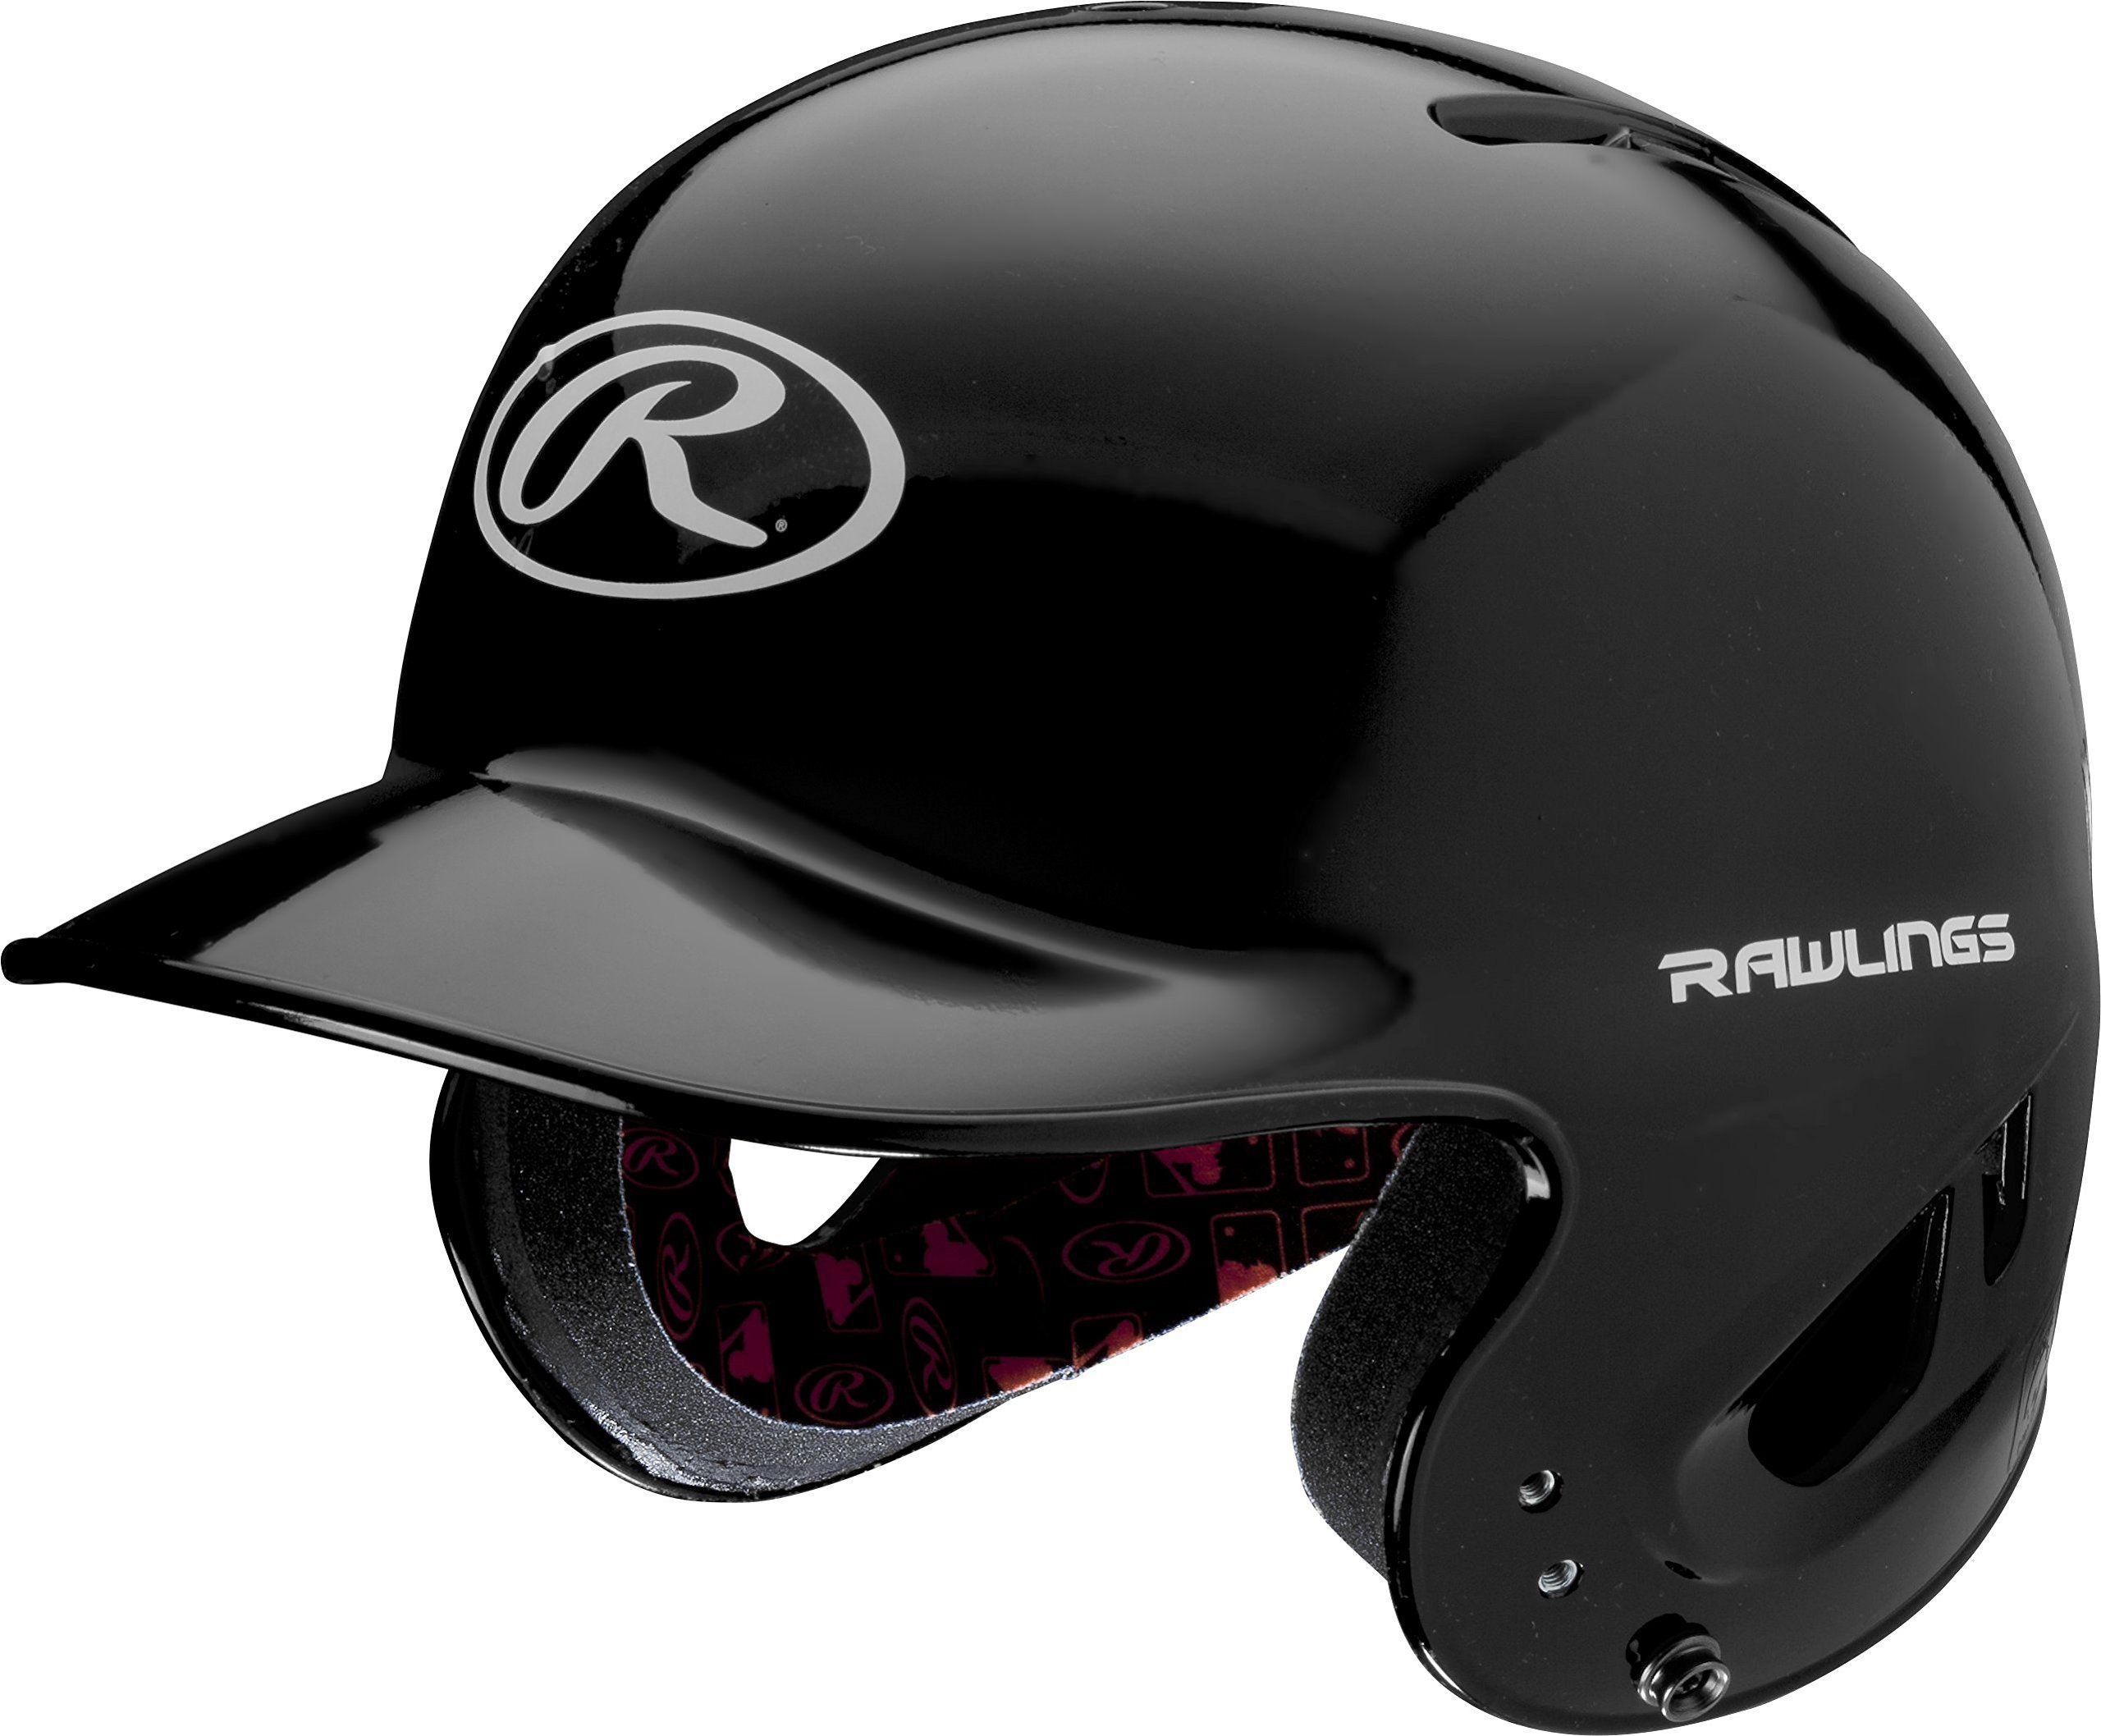 Rawlings Mlb Inspired Nocsae T Ball Clear Coat Batting Helmet Baseball Helmet Baseball T Shirt Designs Youth Baseball Gloves